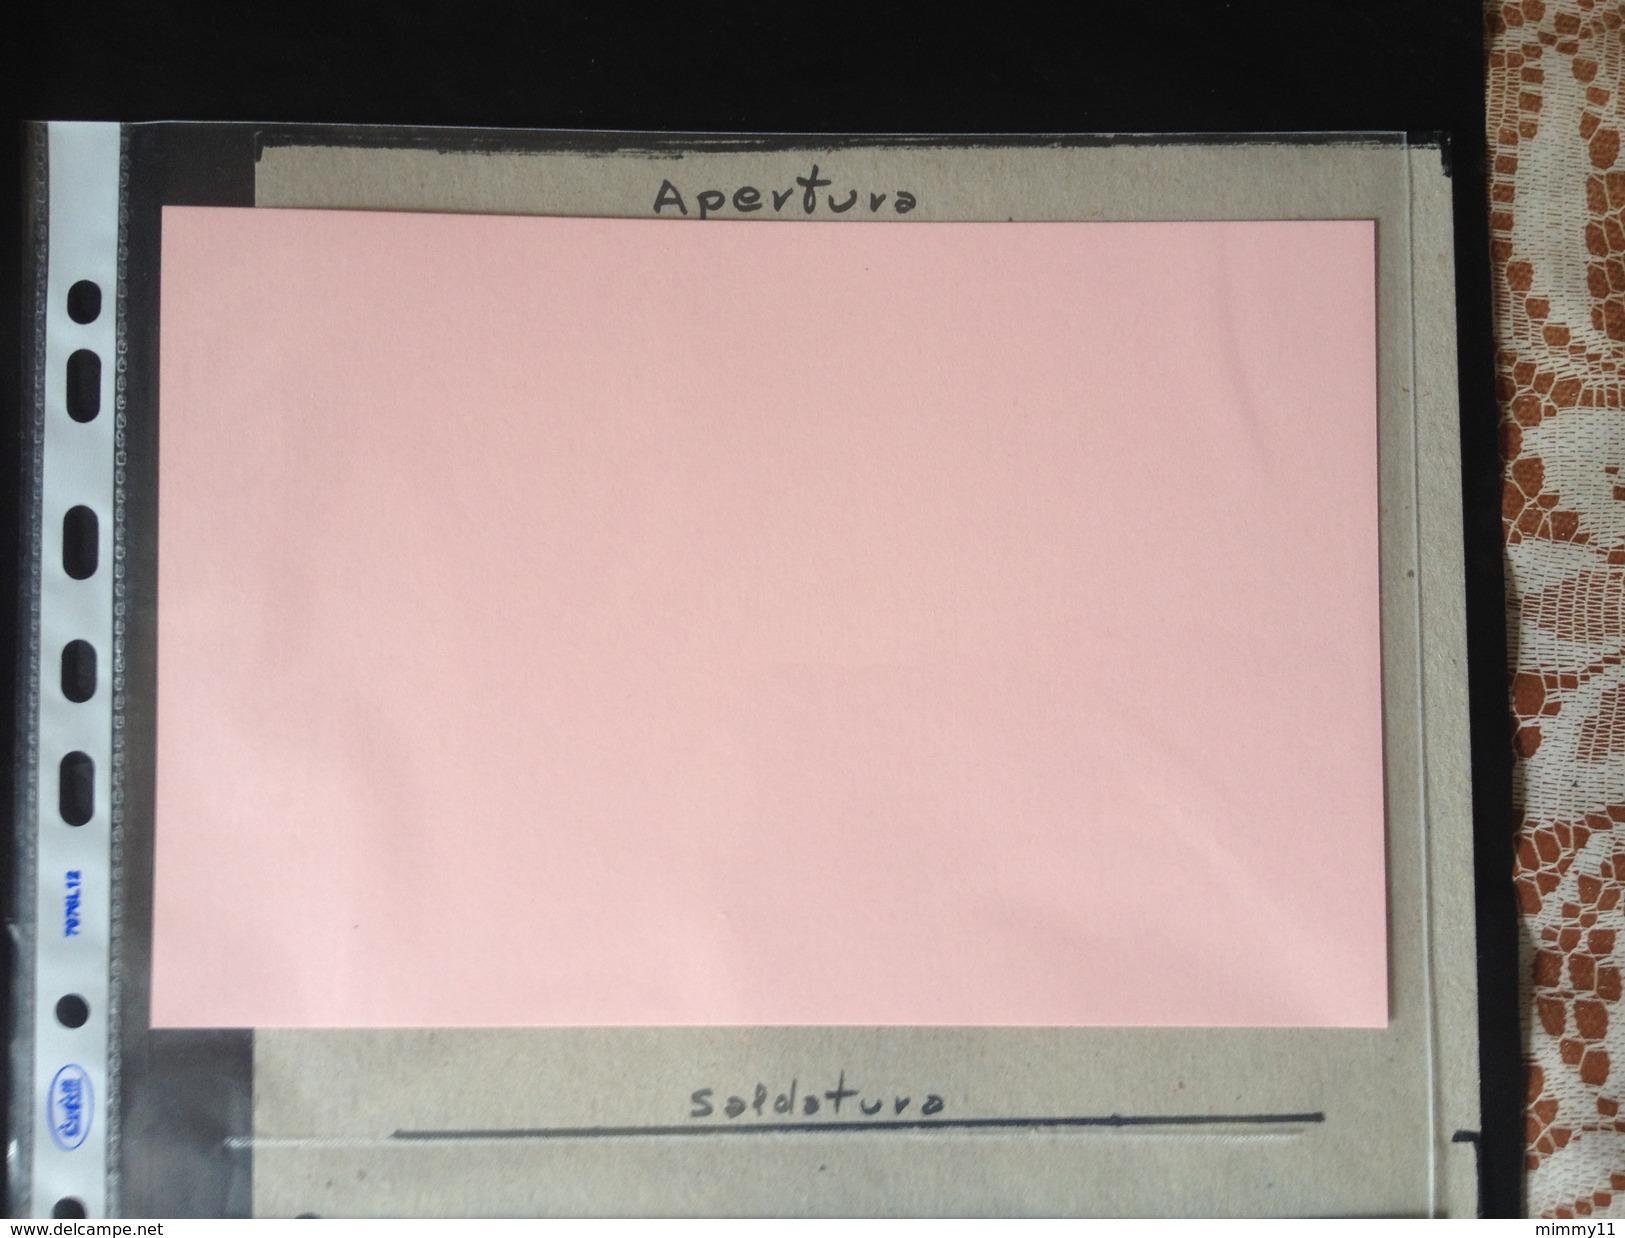 Fogli Trasparenti Alto Spessore A Fori UniversAlbum A Fg/special - ( PER Collezionare Carnet Prestige Ptt Post OLANDA ) - Stamps